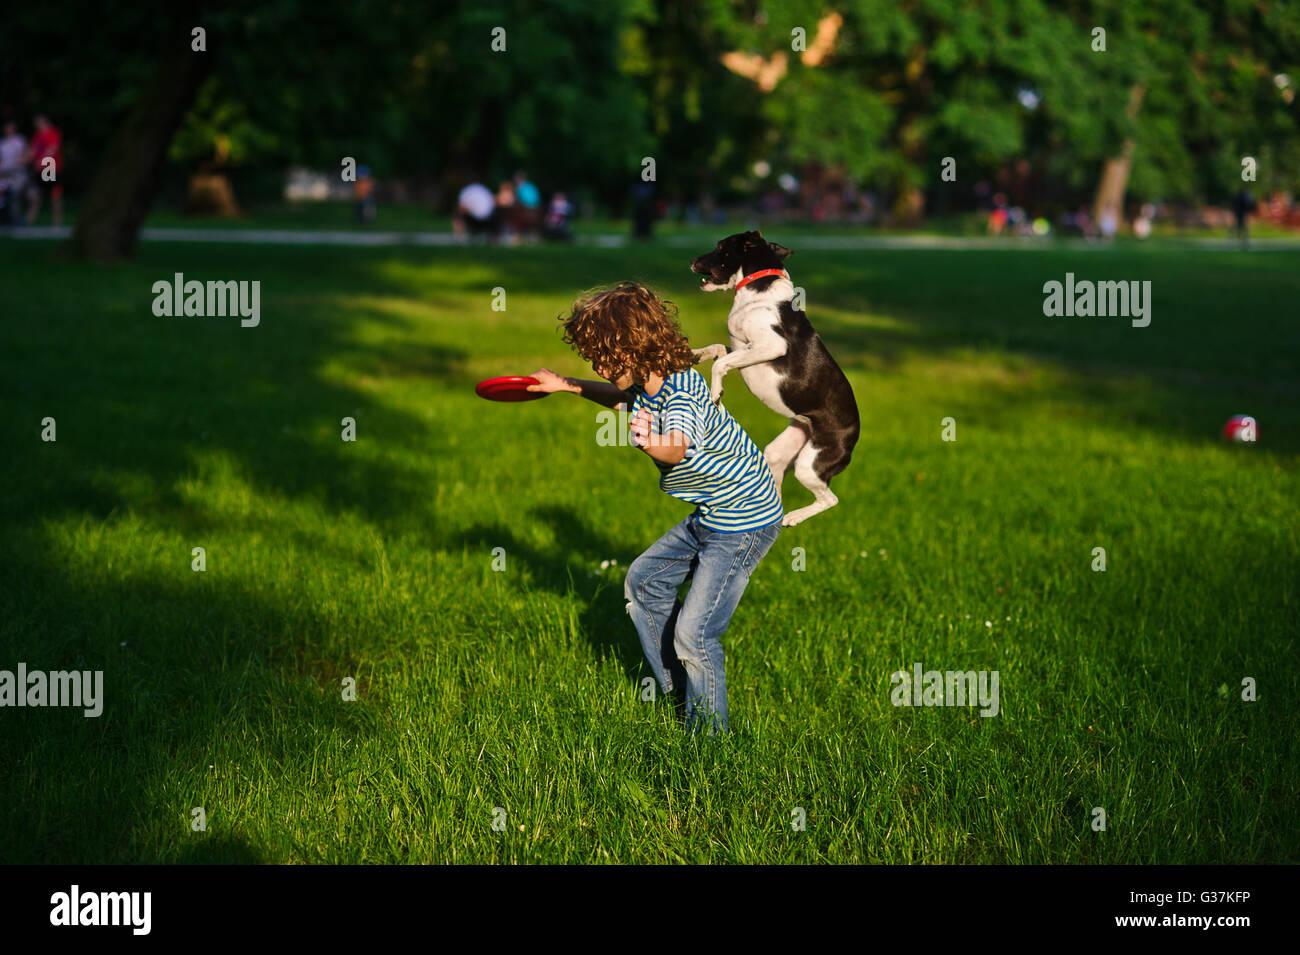 El chico entrena a un perro.En un jardín de verano el niño de 8-9 años, juega con un perro.En una Imagen De Stock